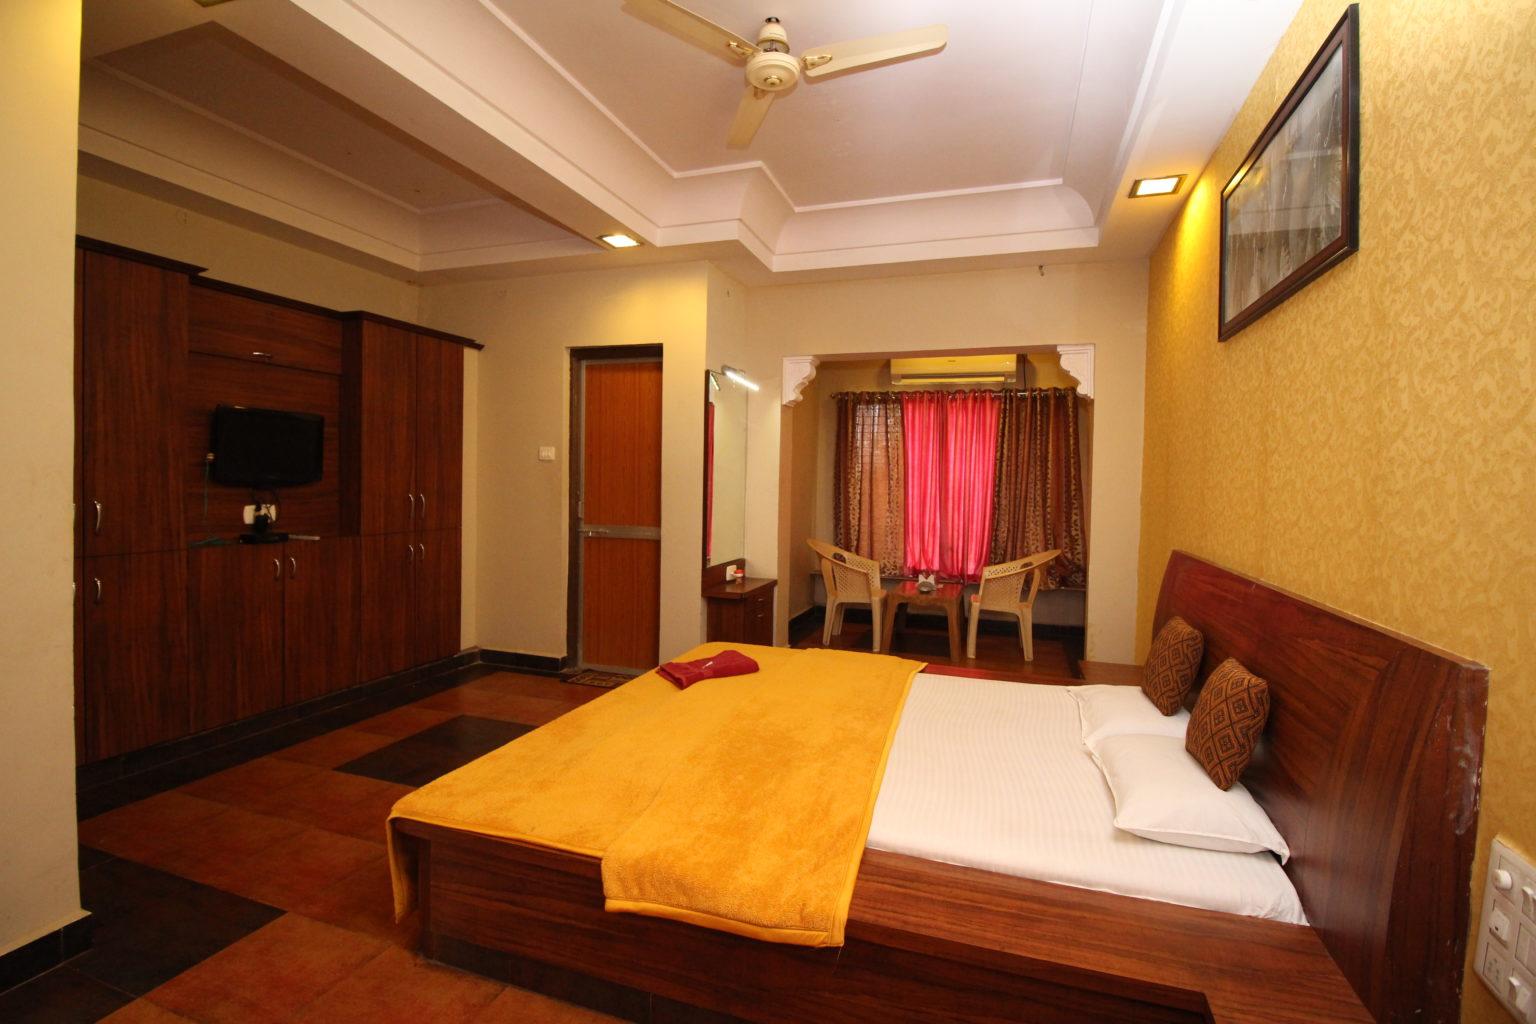 ac rooms